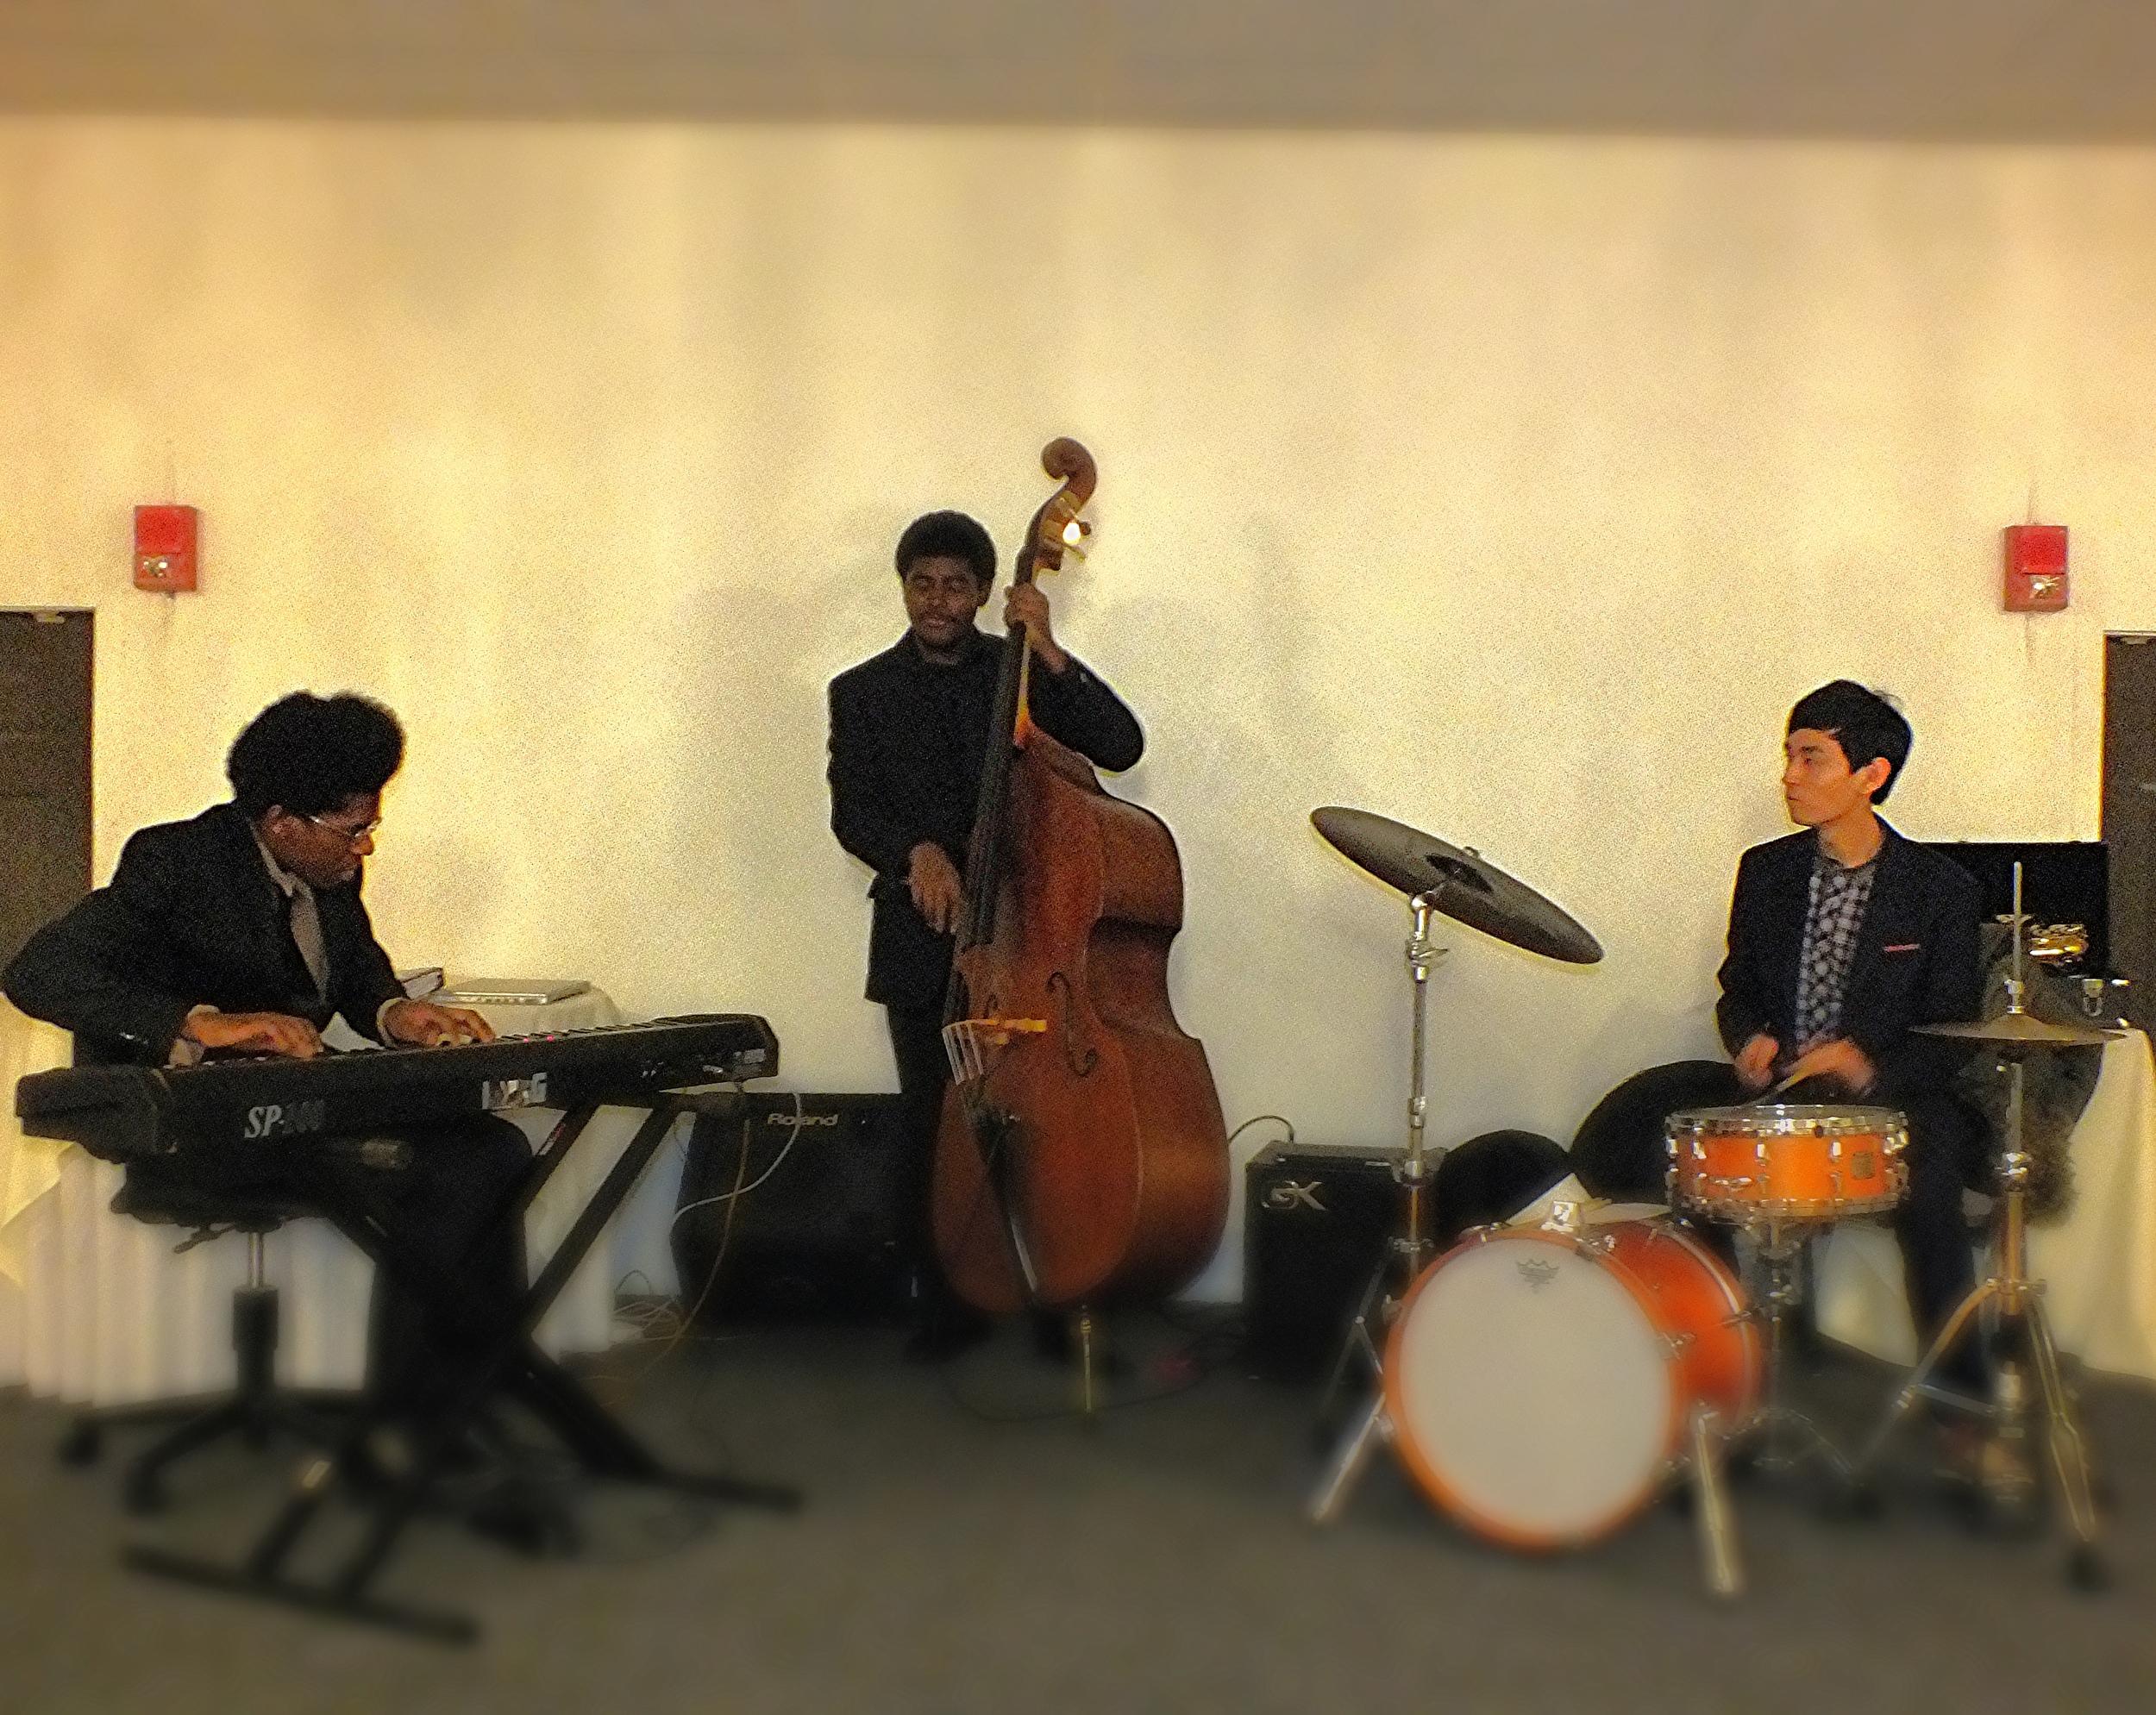 Trio gig for a private event.